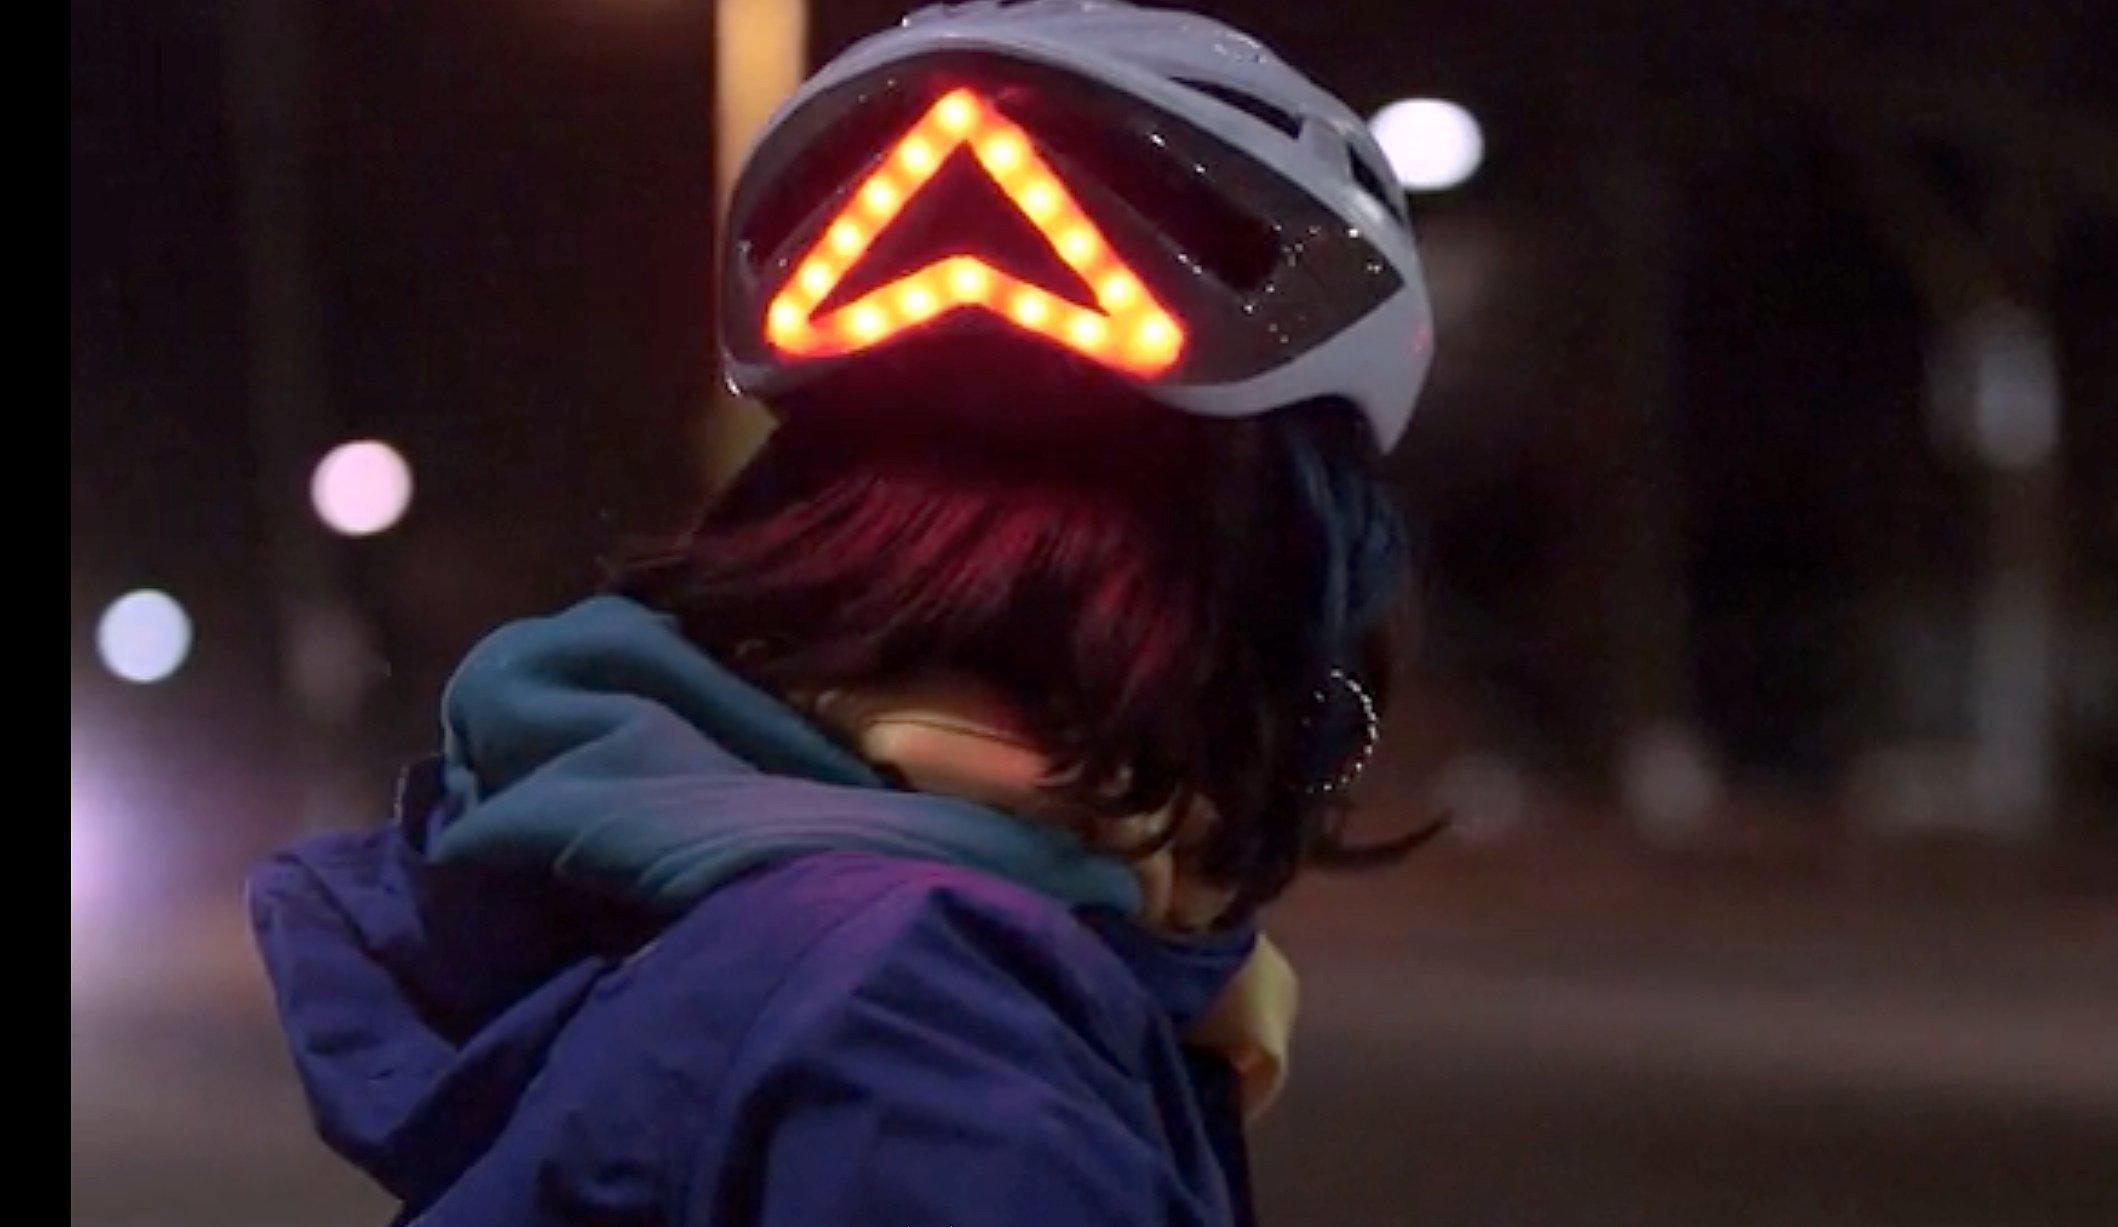 Das Dreieck am Lumos-Helm macht die Autofahrer zusätzlich auf den Radfahrer aufmerksam.